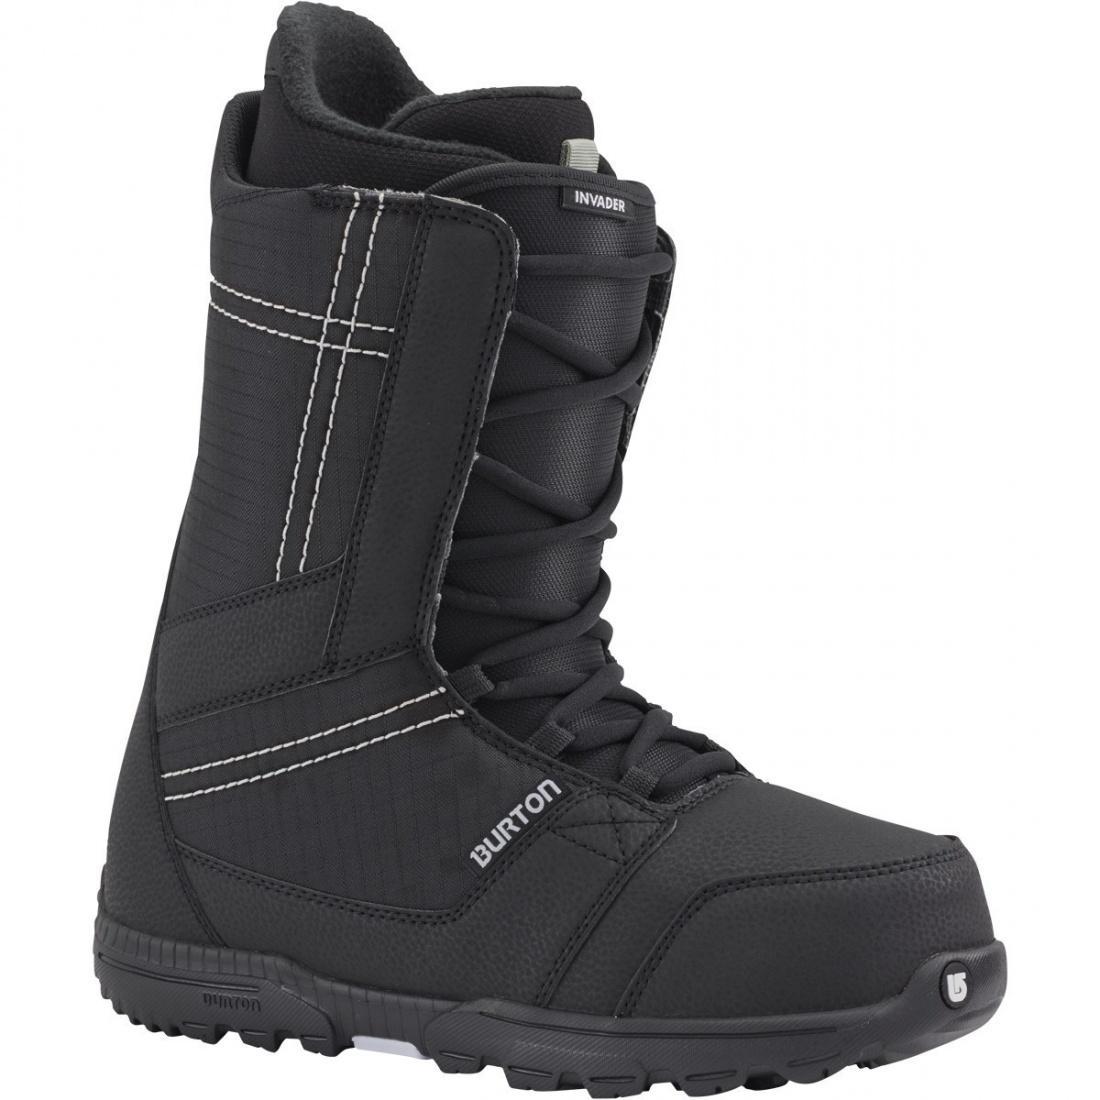 Ботинки для сноуборда Burton Invader купить в Boardshop №1